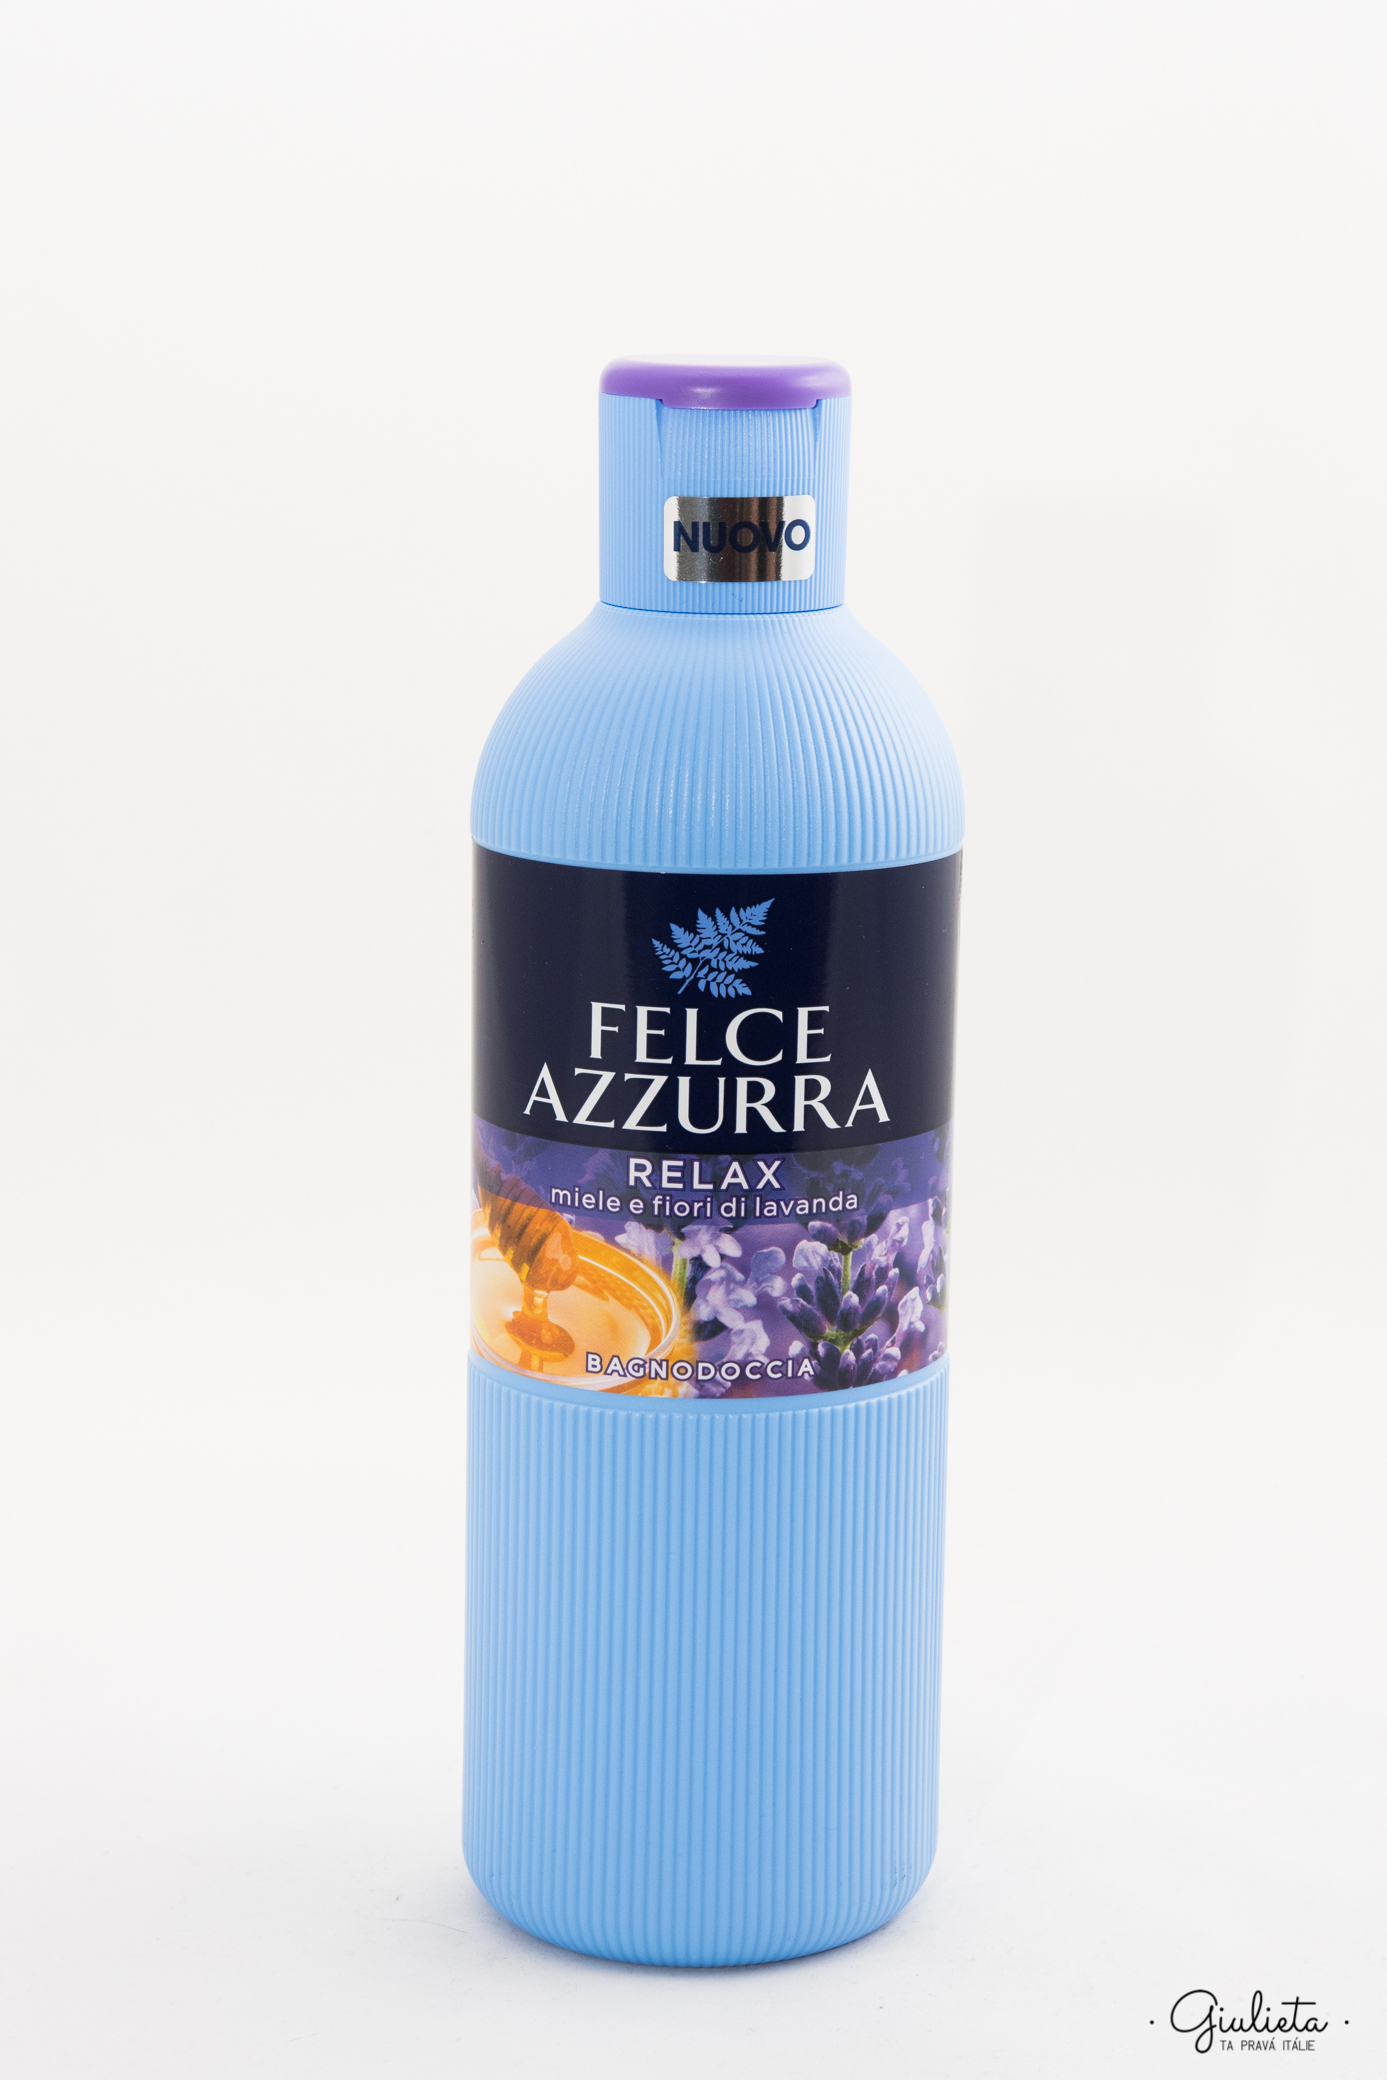 Felce Azzurra sprchový gel/pěna do koupele Relax, 650 ml